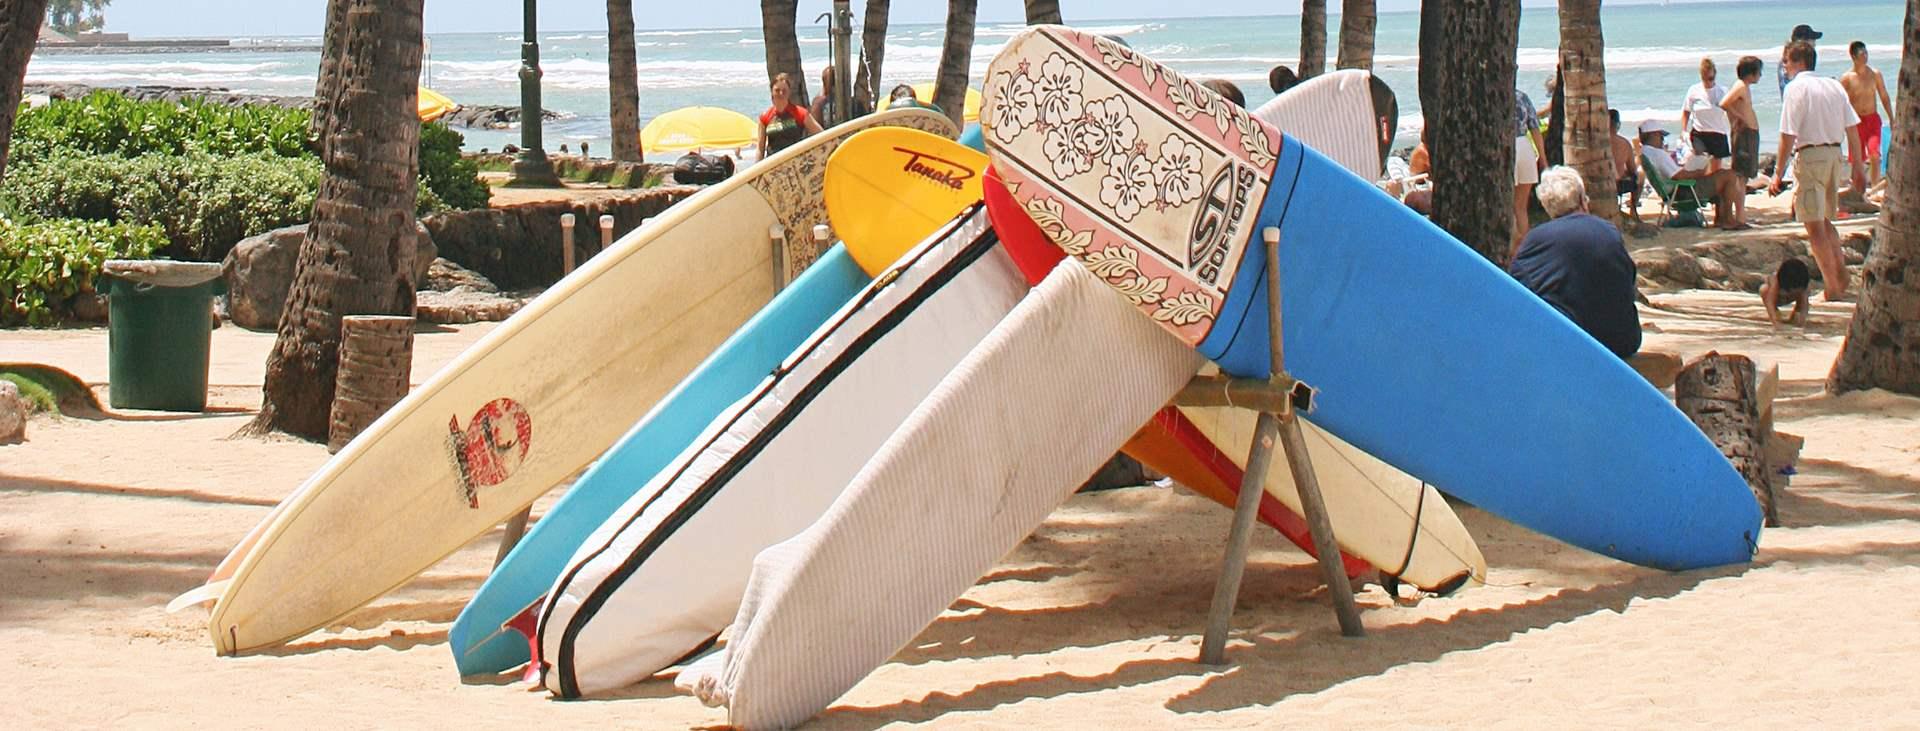 Boka en resa till Honolulu på Hawaii - upplev USA med Ving